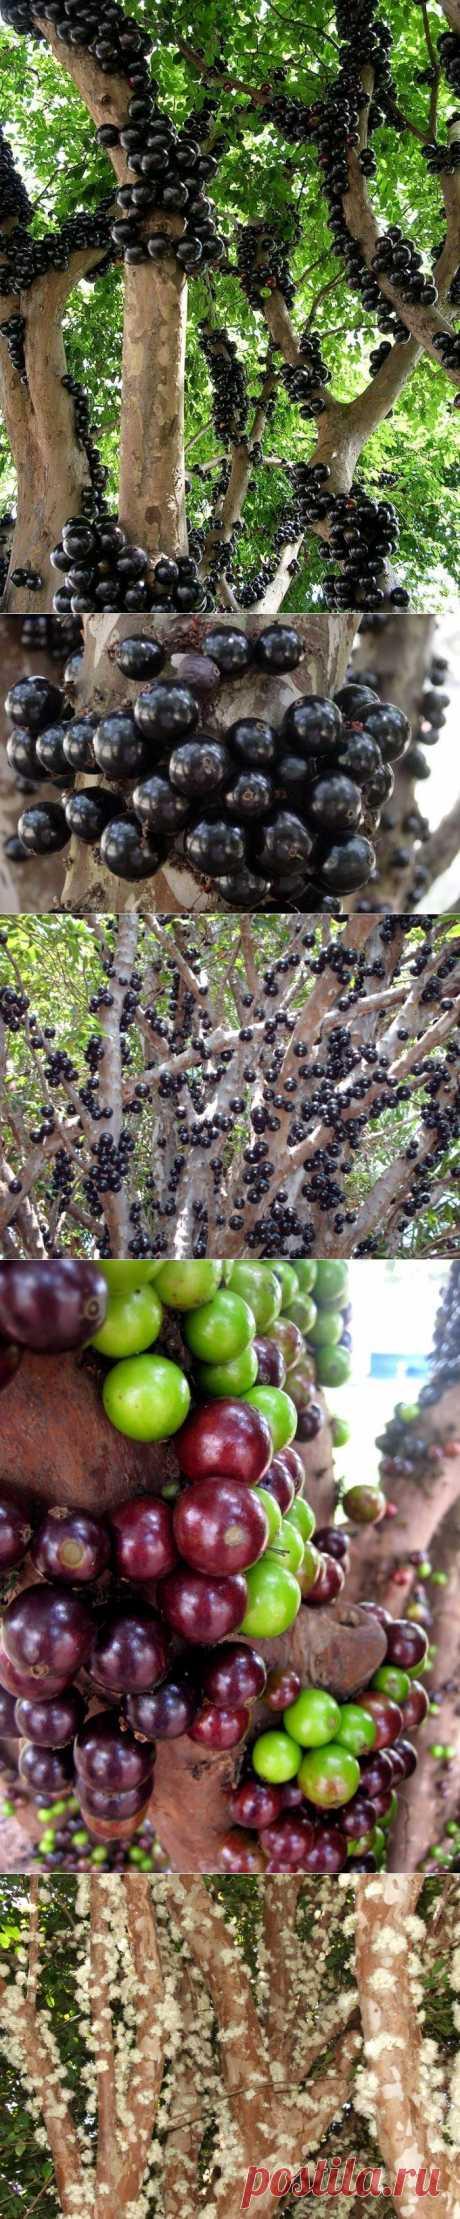 Жаботикаба – дерево с плодами, растущими из ствола.